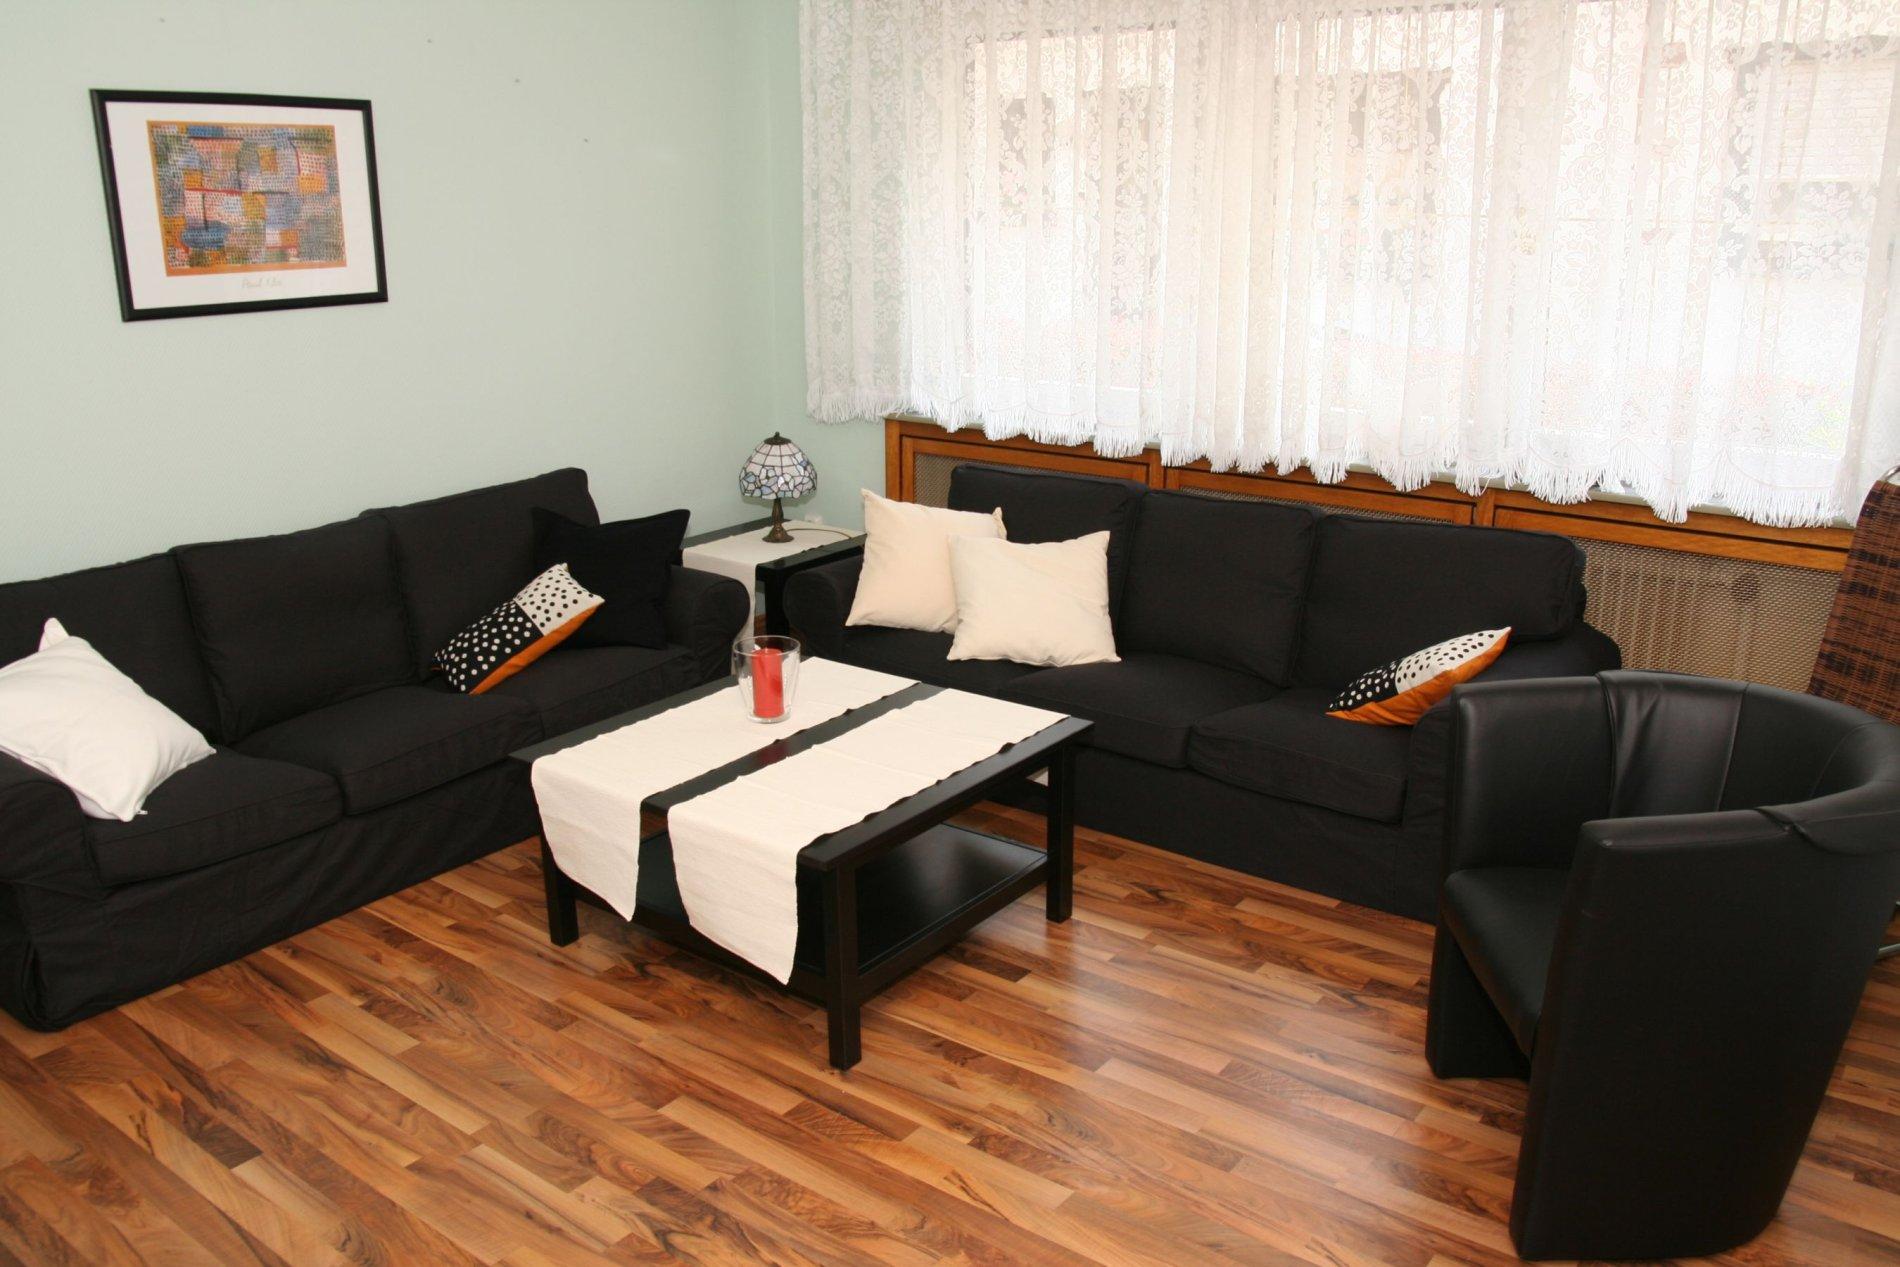 Wohnzimmer mit einem schwarzen Sofa und einem Sessel auf braunem Laminat